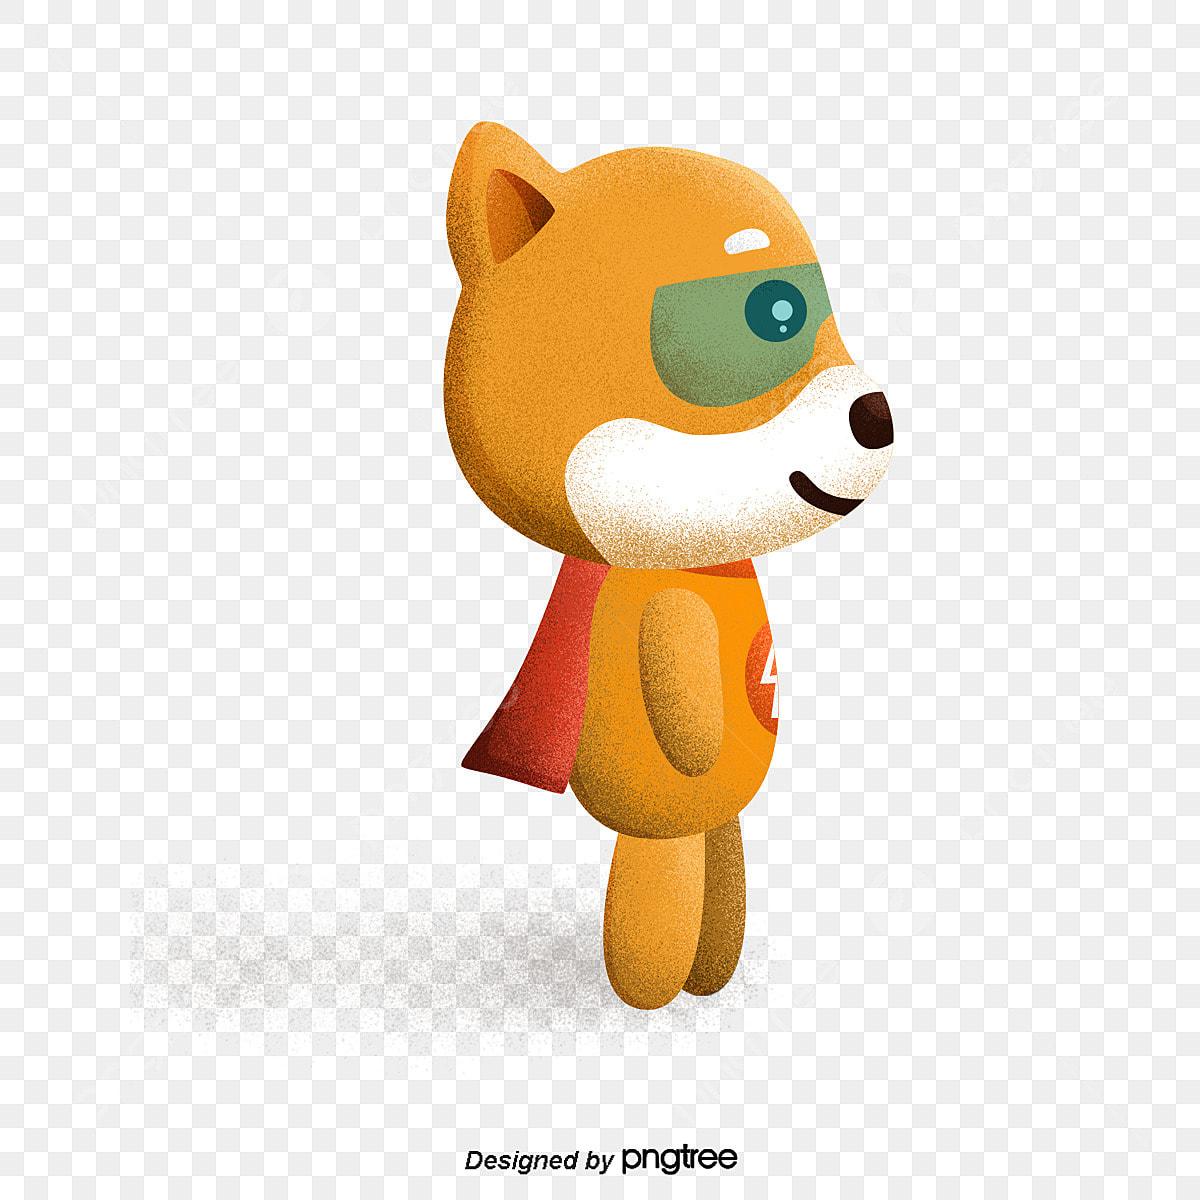 Imagem De Desenho Criativo Bolt Elementos Creative Animal